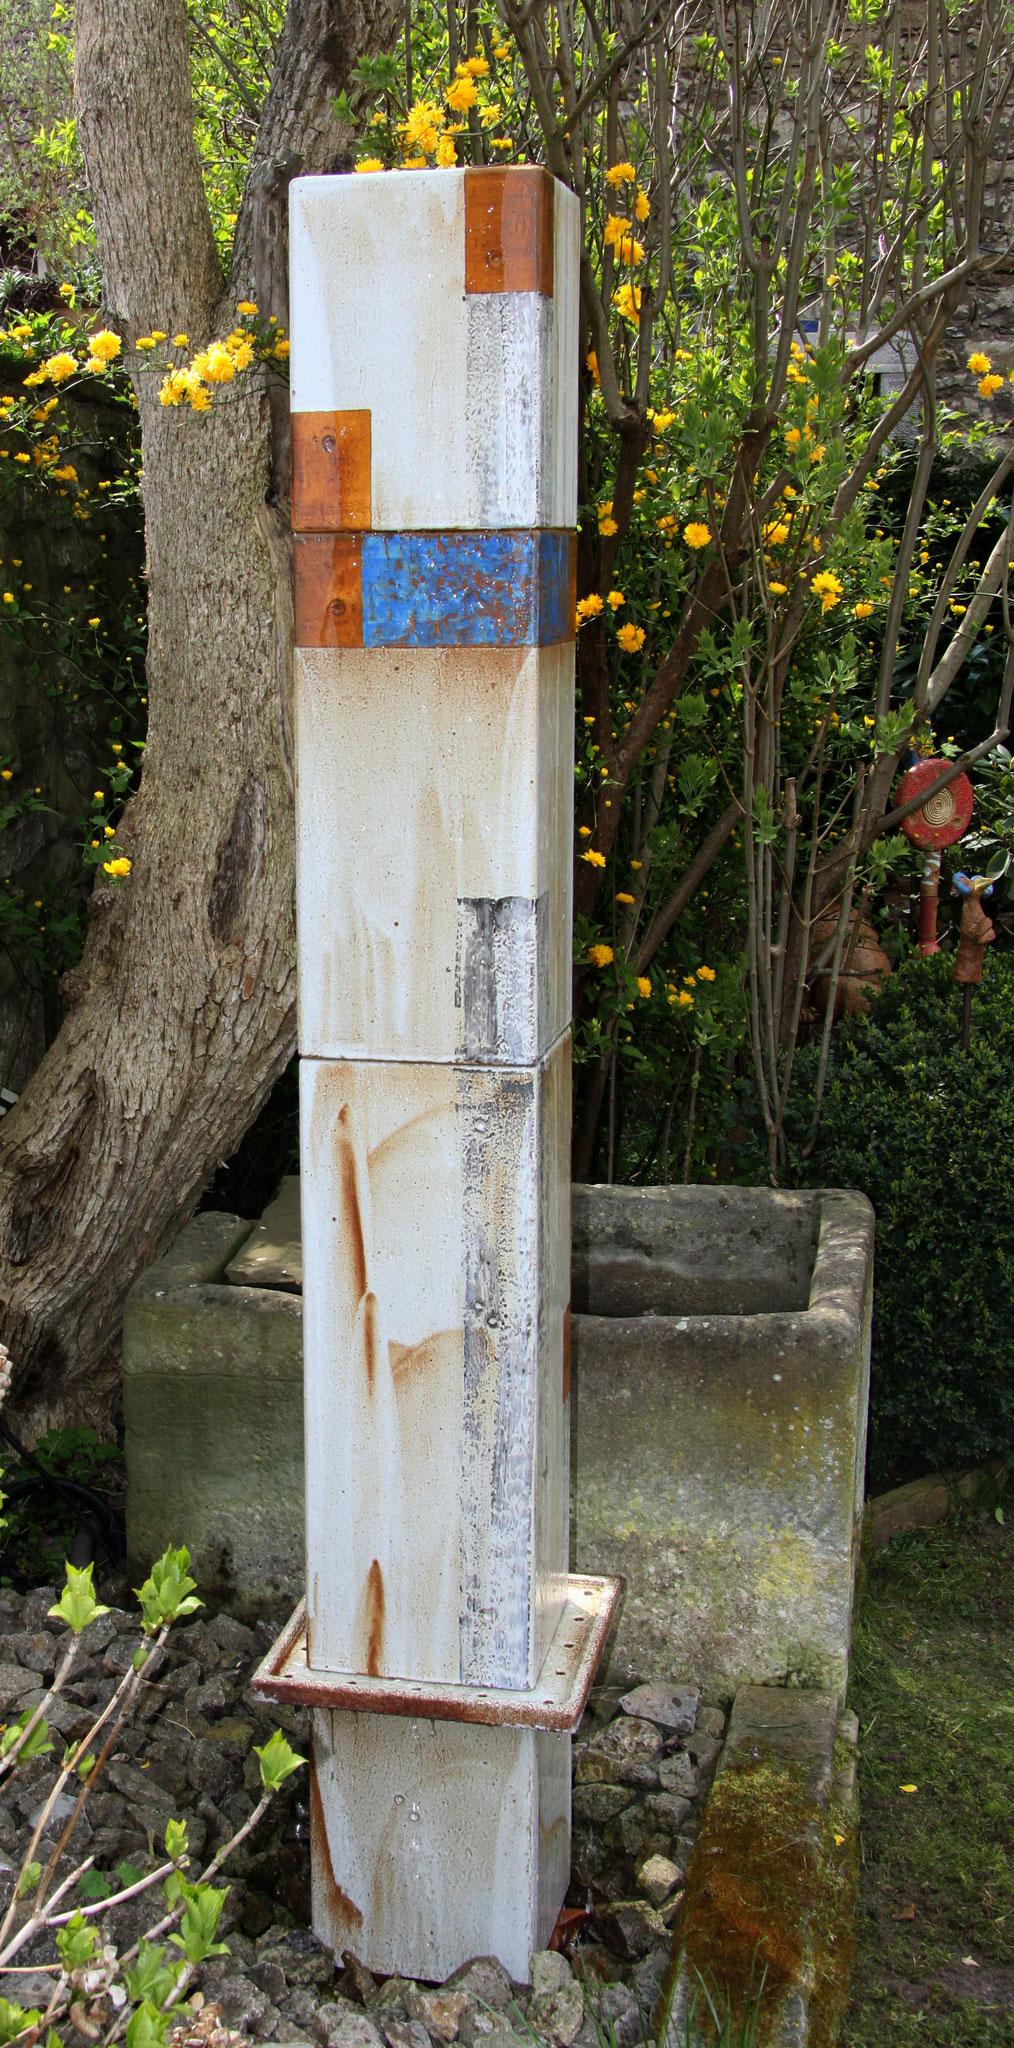 Keramik Brunnen, Wassersäule Quader ca. 170 cm hoch weiß natur glasiert und blau bemalt mit Abtropfplatte